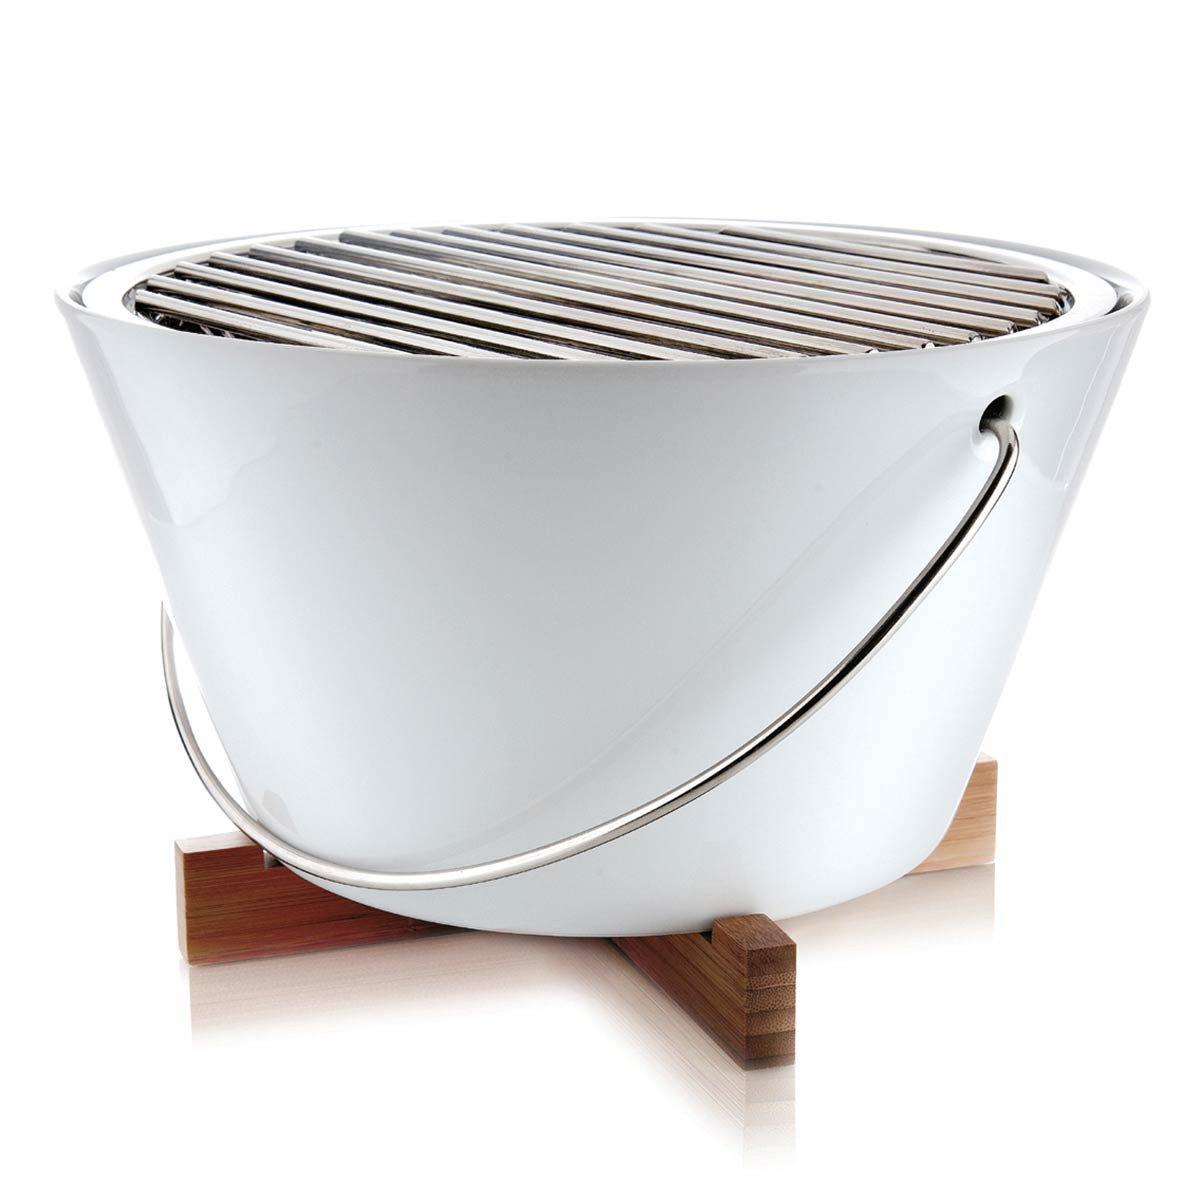 Eva Solo Tischgrill - Design - Grill